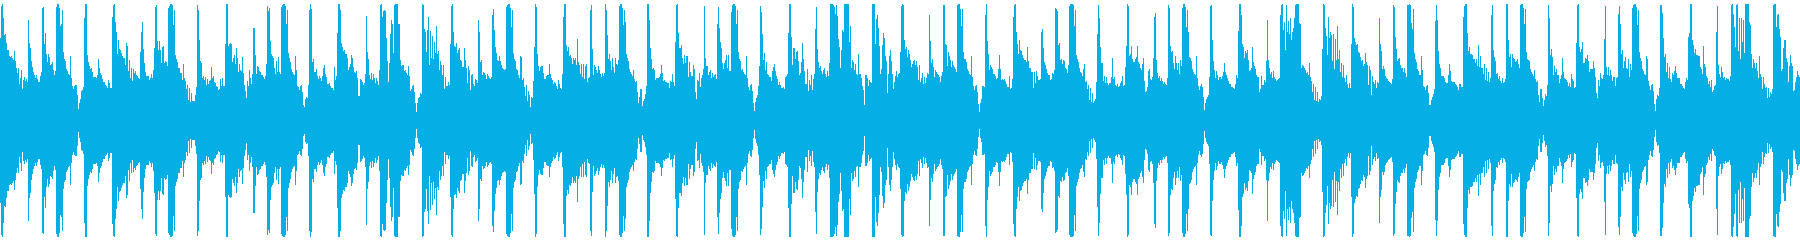 トロピカル・おしゃれ・軽快BGMループの再生済みの波形